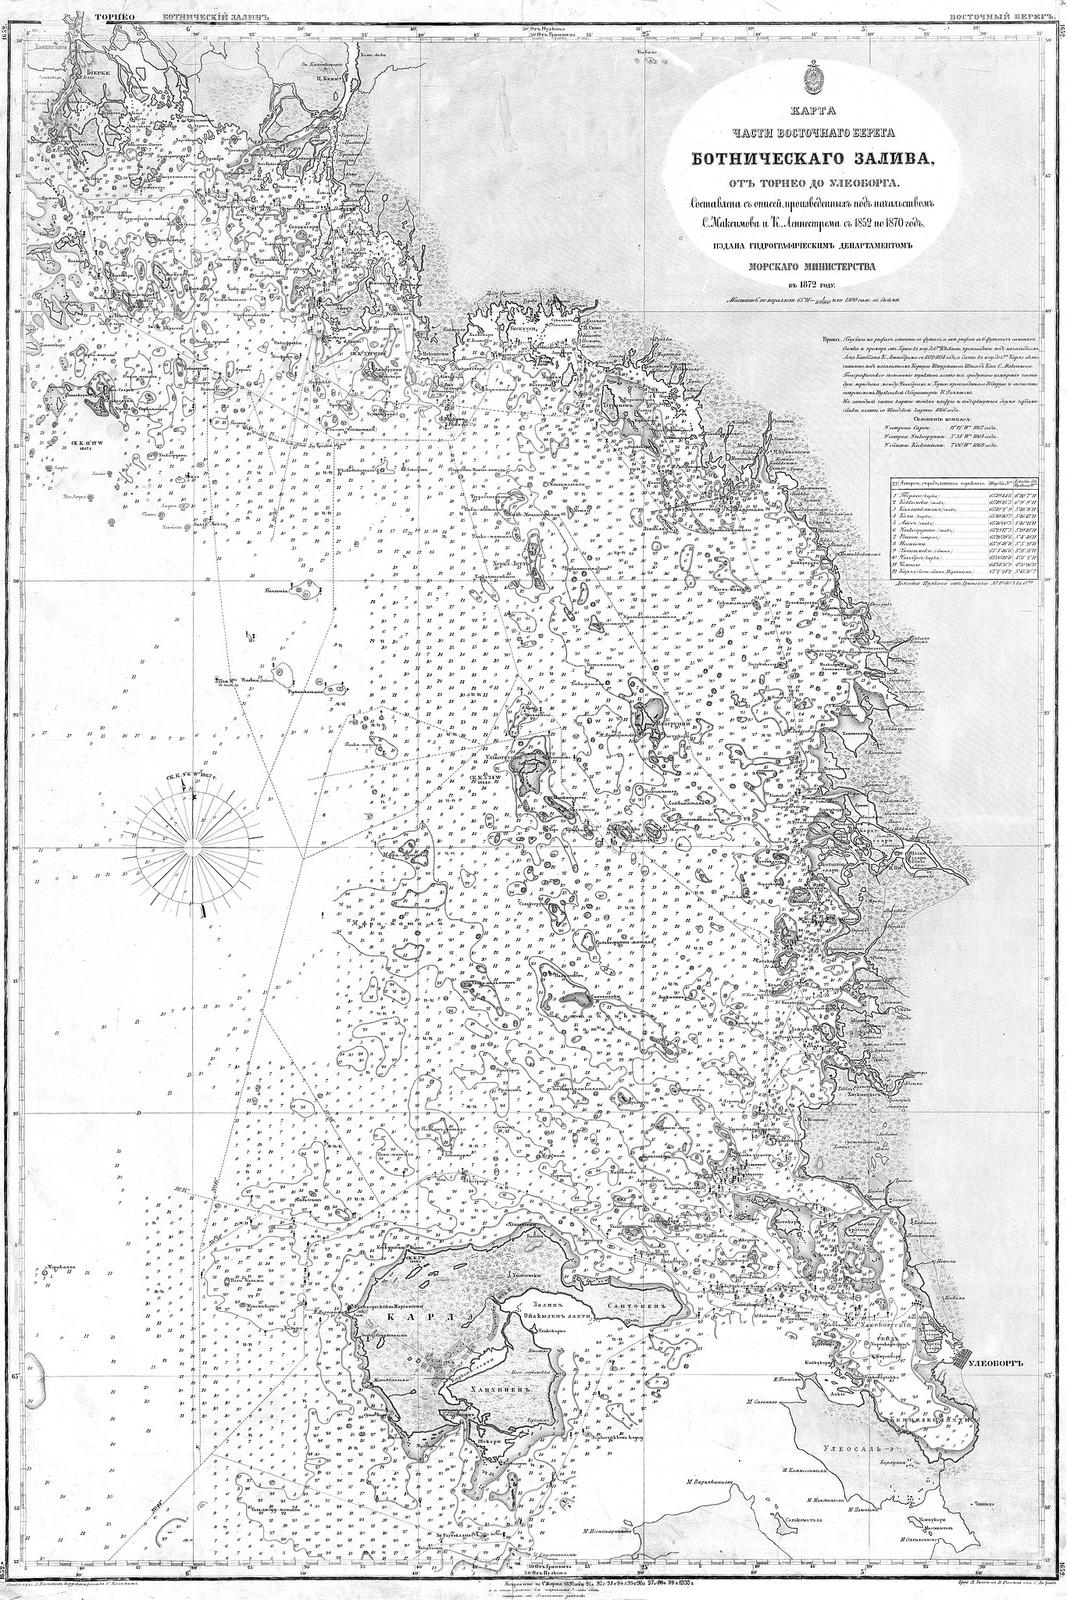 1872. Карта восточного берега Ботнического залива от Торнео до Улеаборга